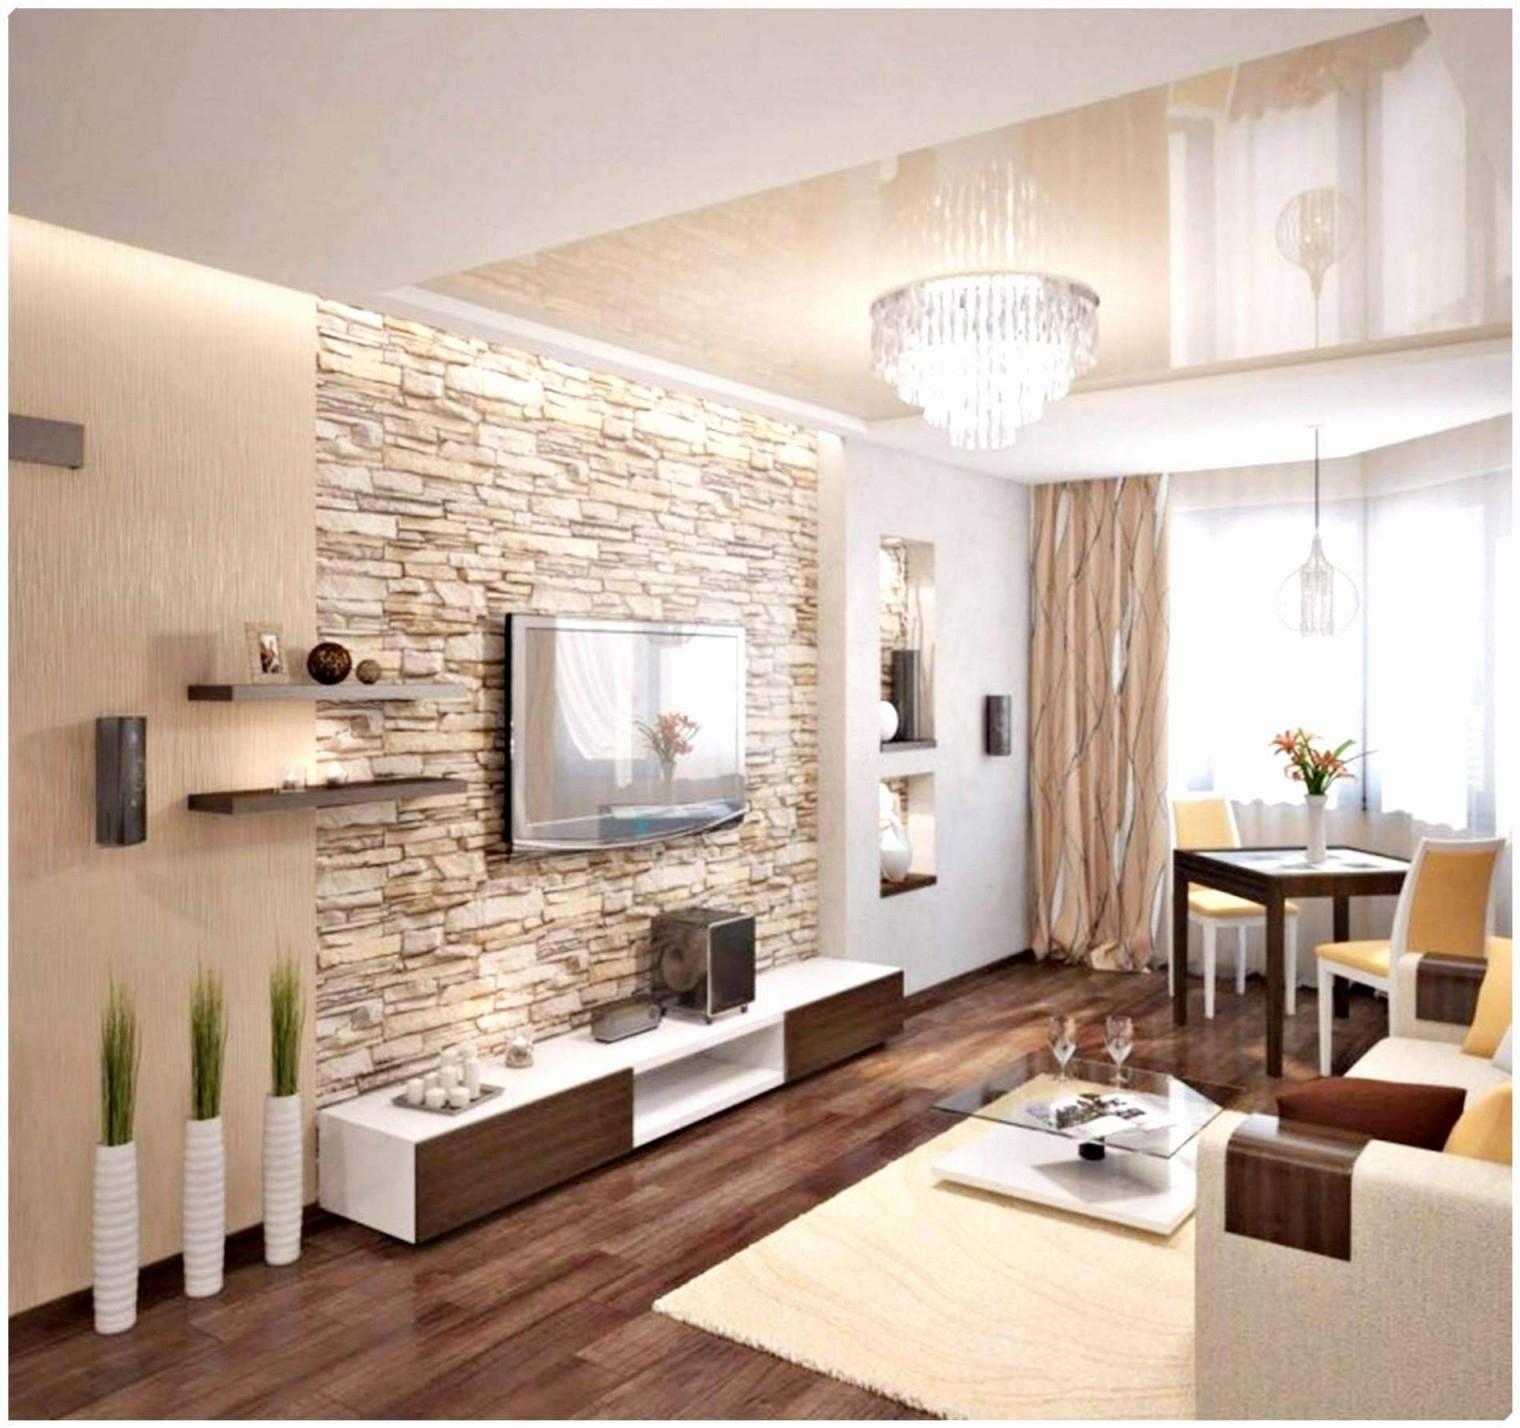 Wohnideen Wohnzimmer Wandgestaltung Elegant 33 Die Beste von Wohnideen Bilder Wohnzimmer Photo